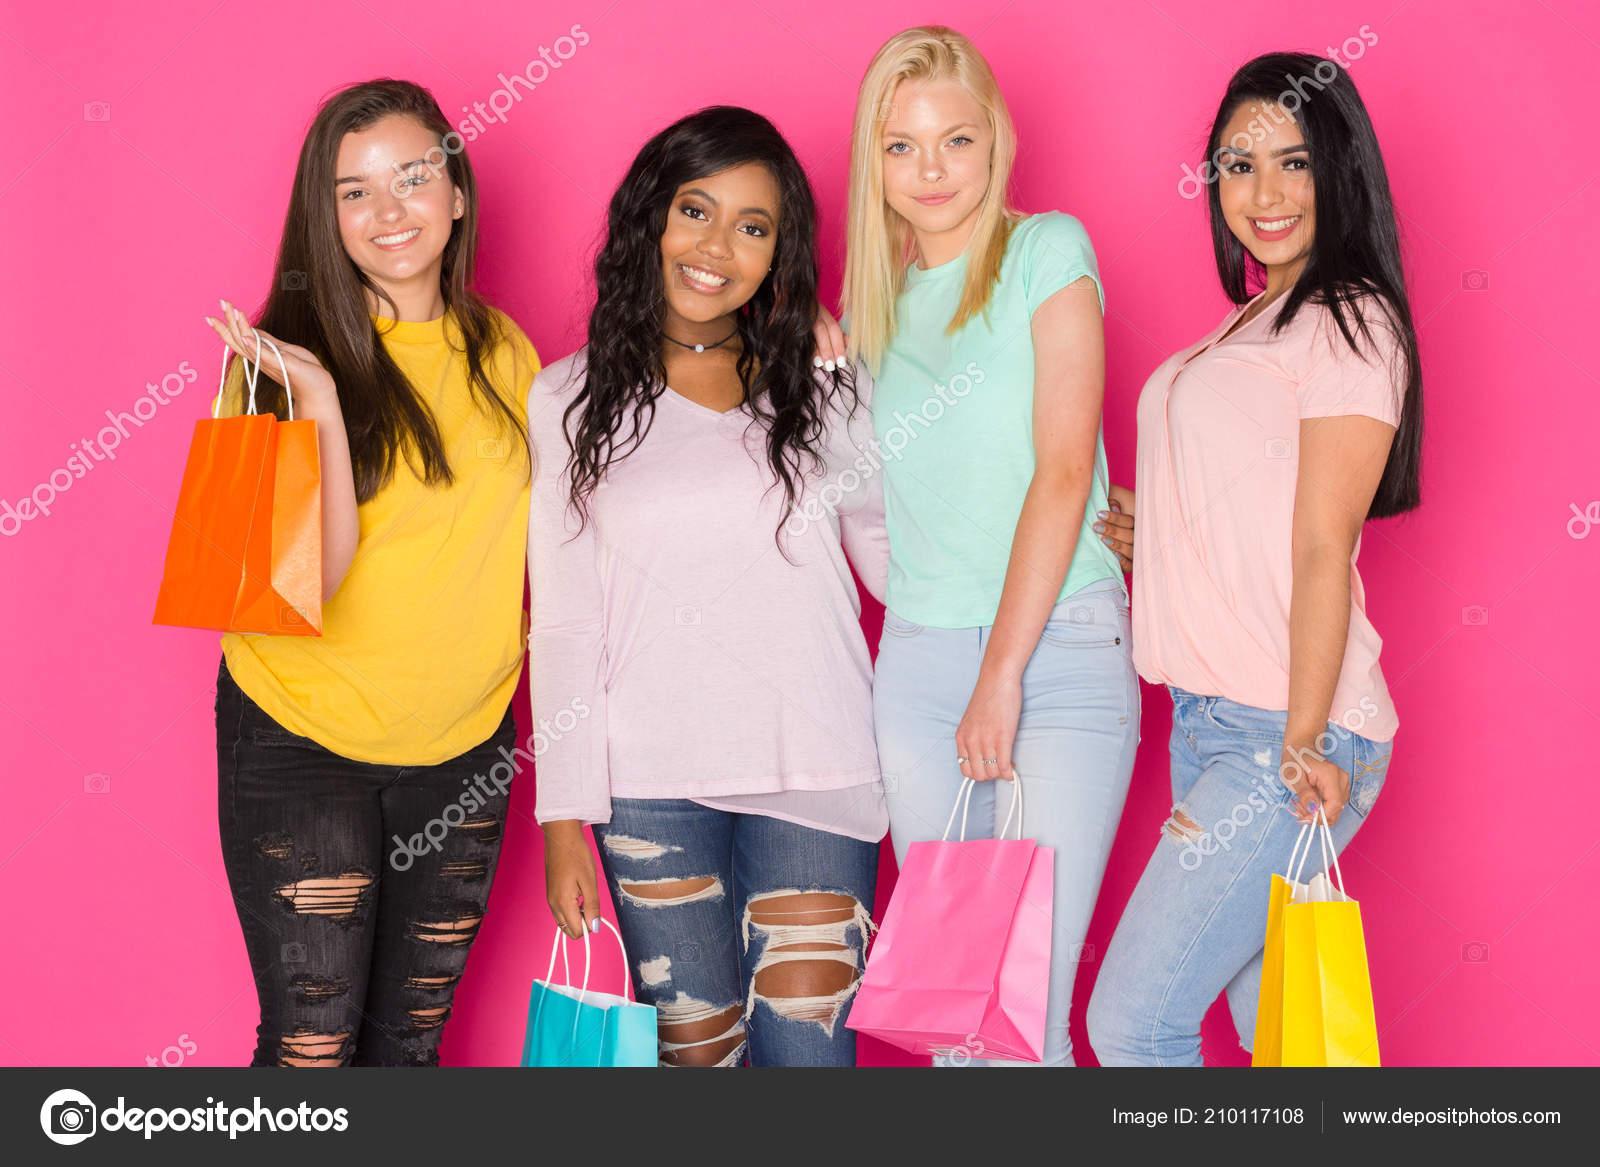 Sfondi pc ragazze